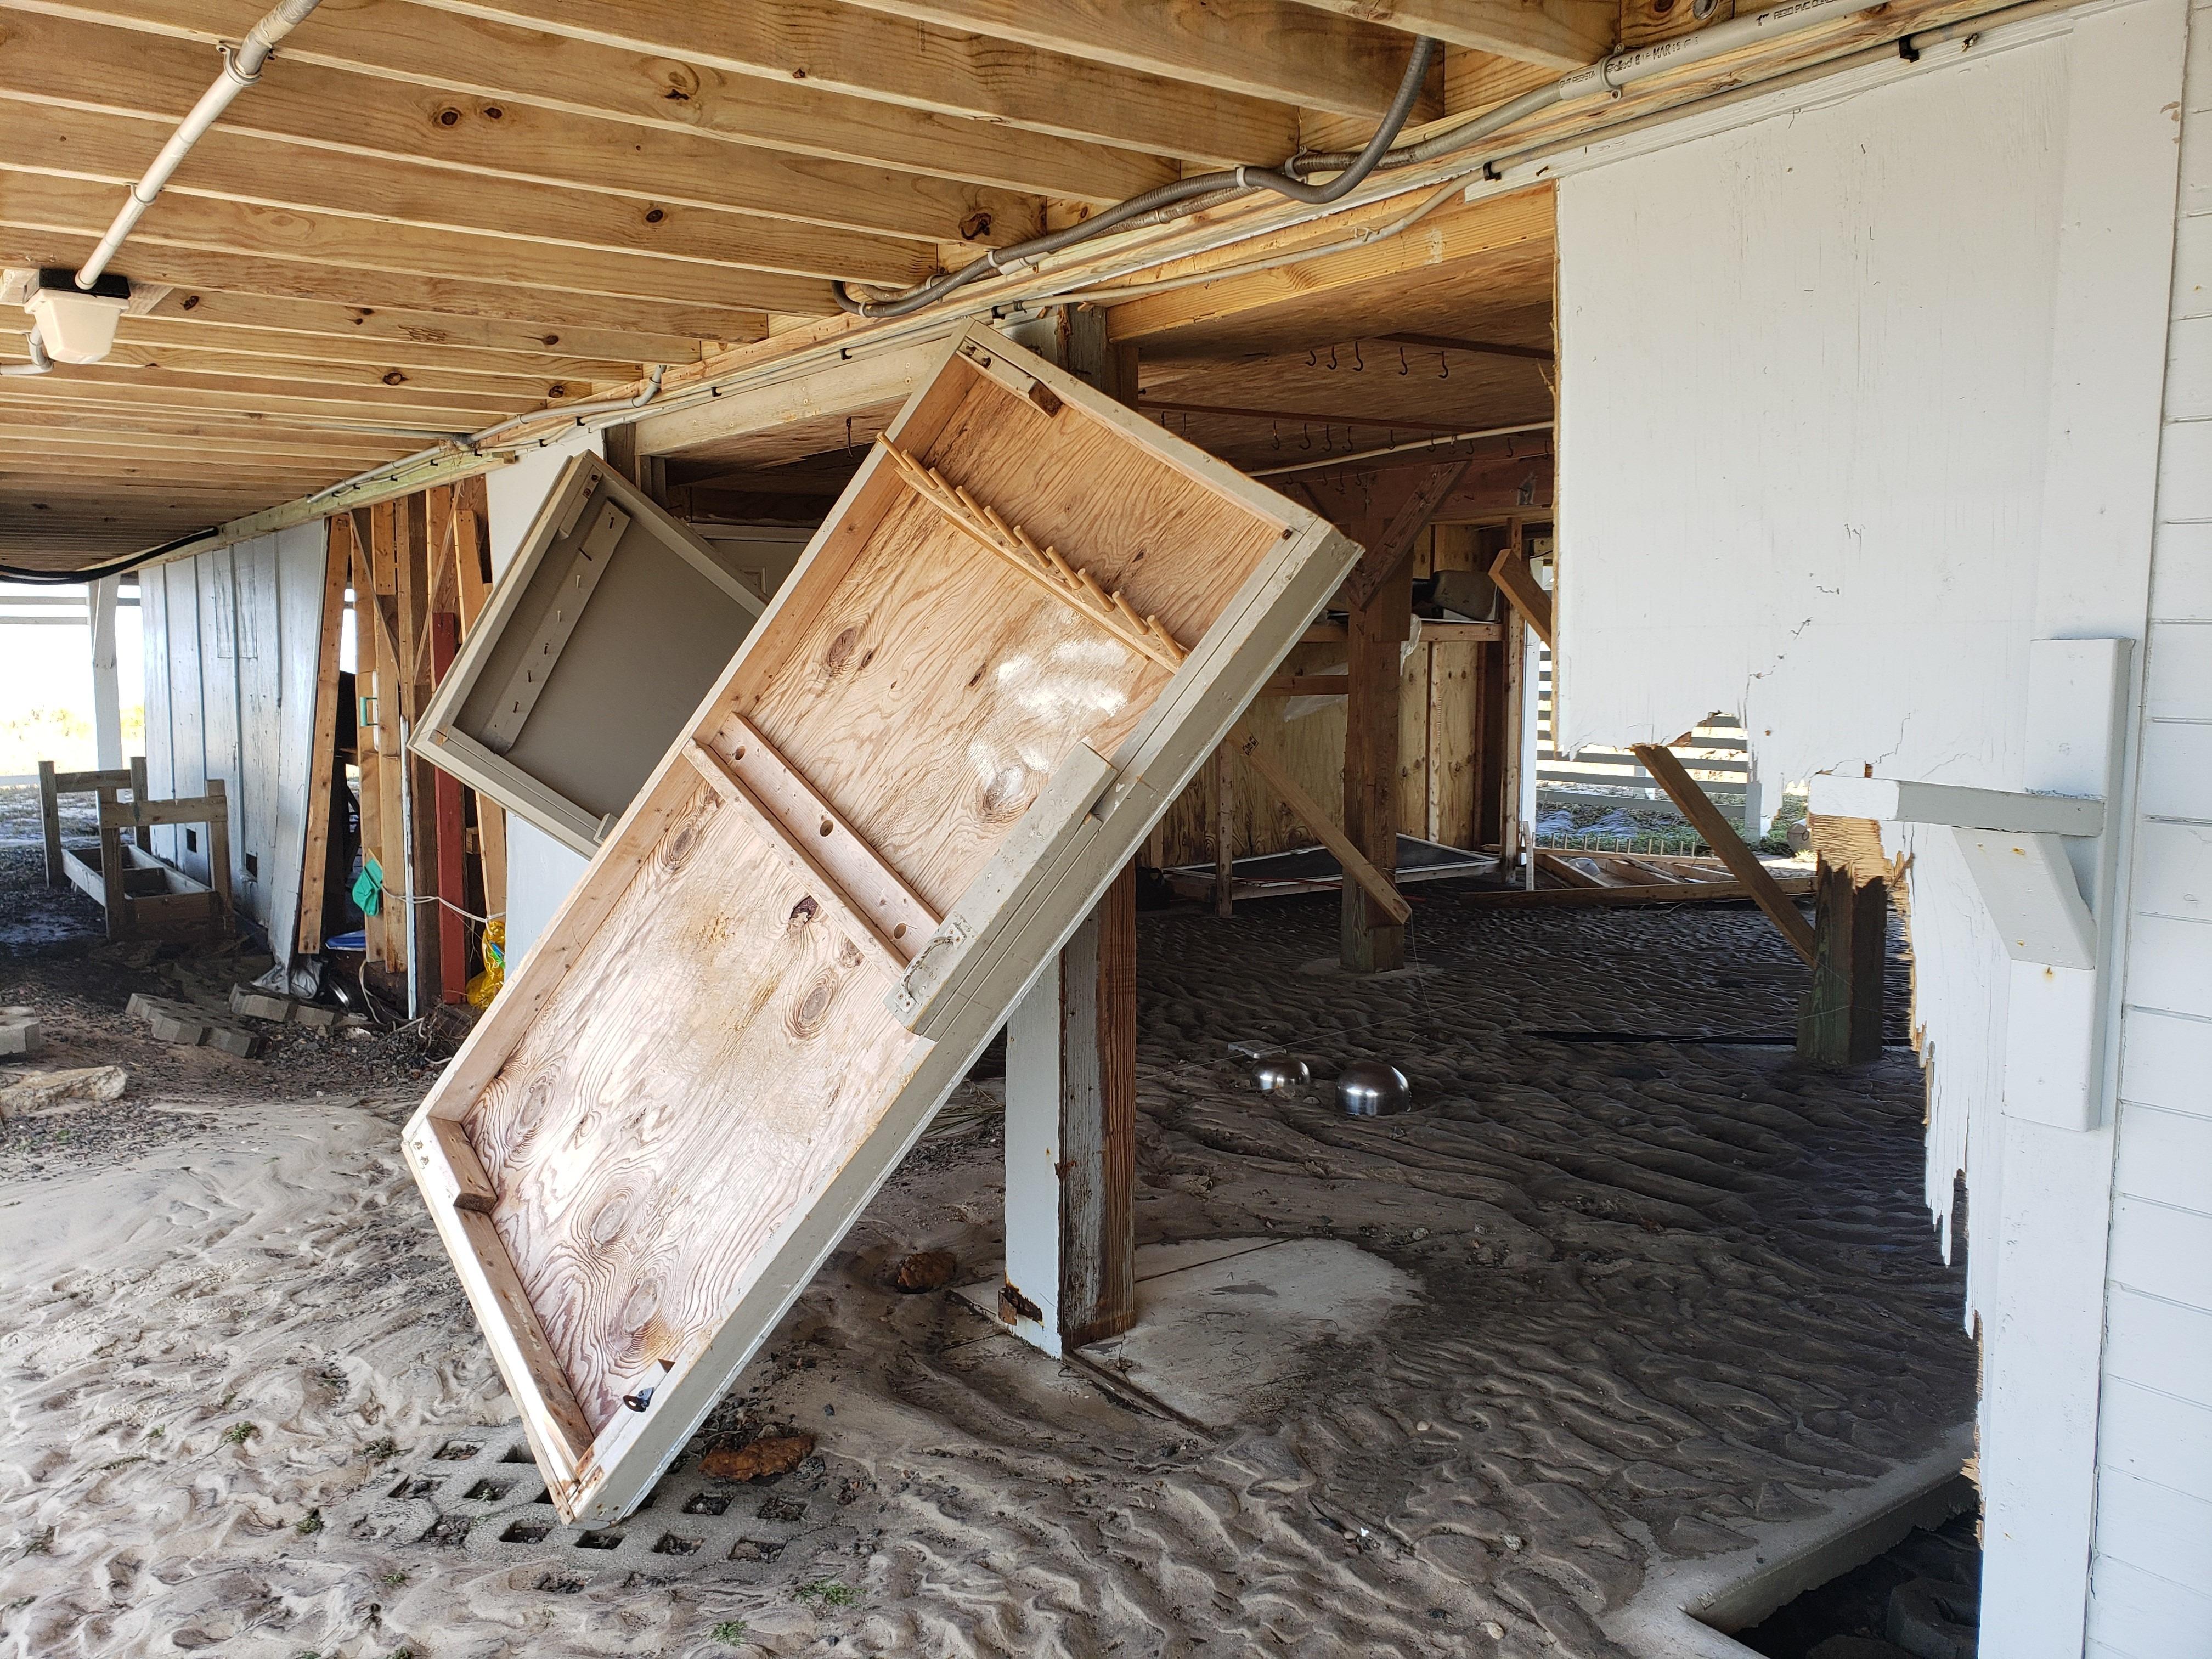 بیش از ۲۵۰۰ نفر در فهرست مفقودان توفان دوریان در باماها